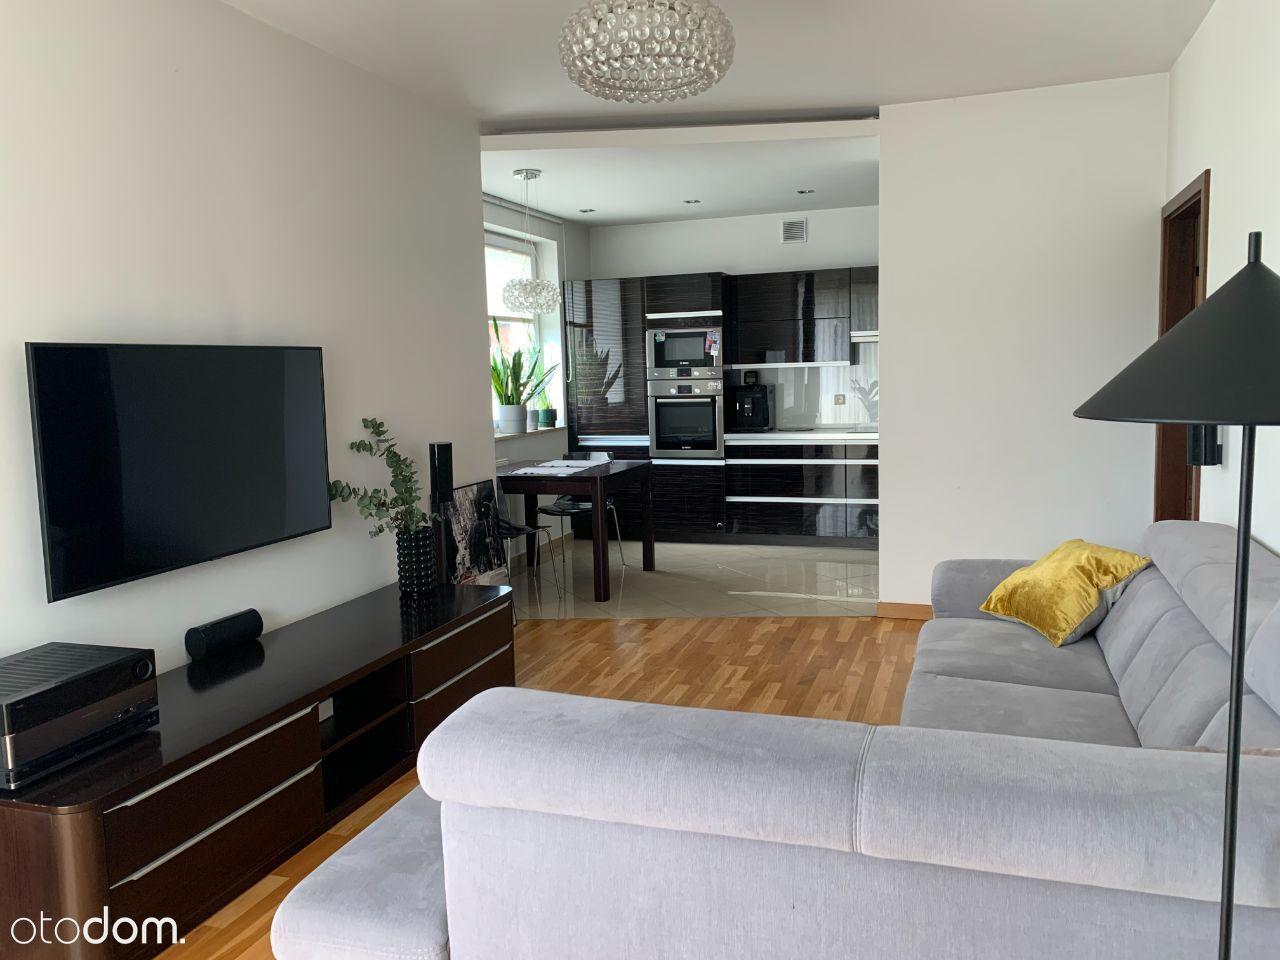 Wygodny apartament, 3 pokoje, ul. Karolewska